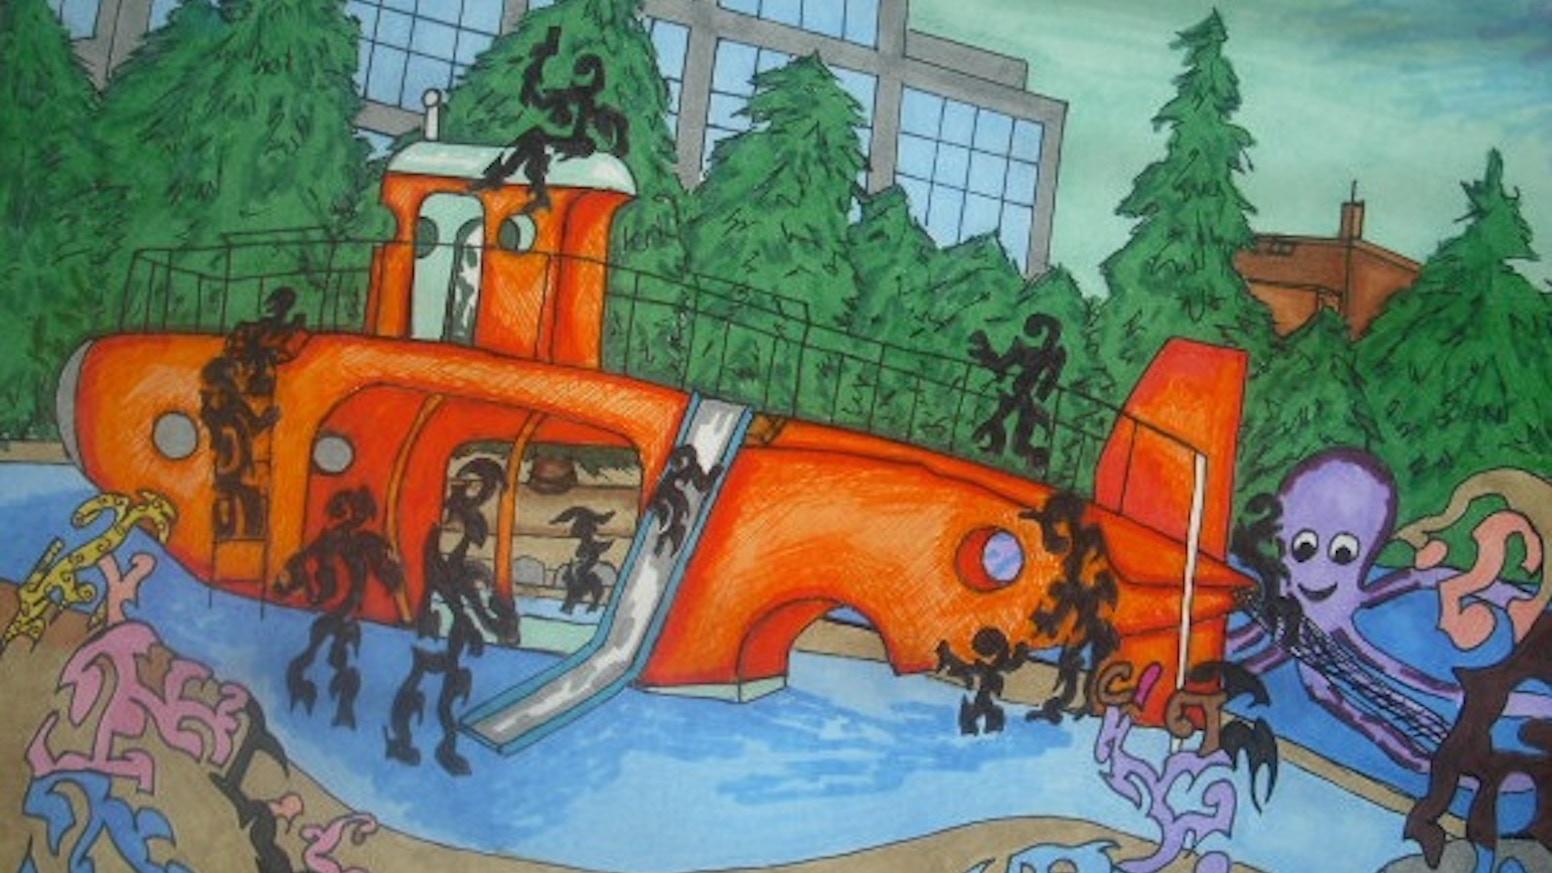 Original art from 1 dollar by crystal parker kickstarter